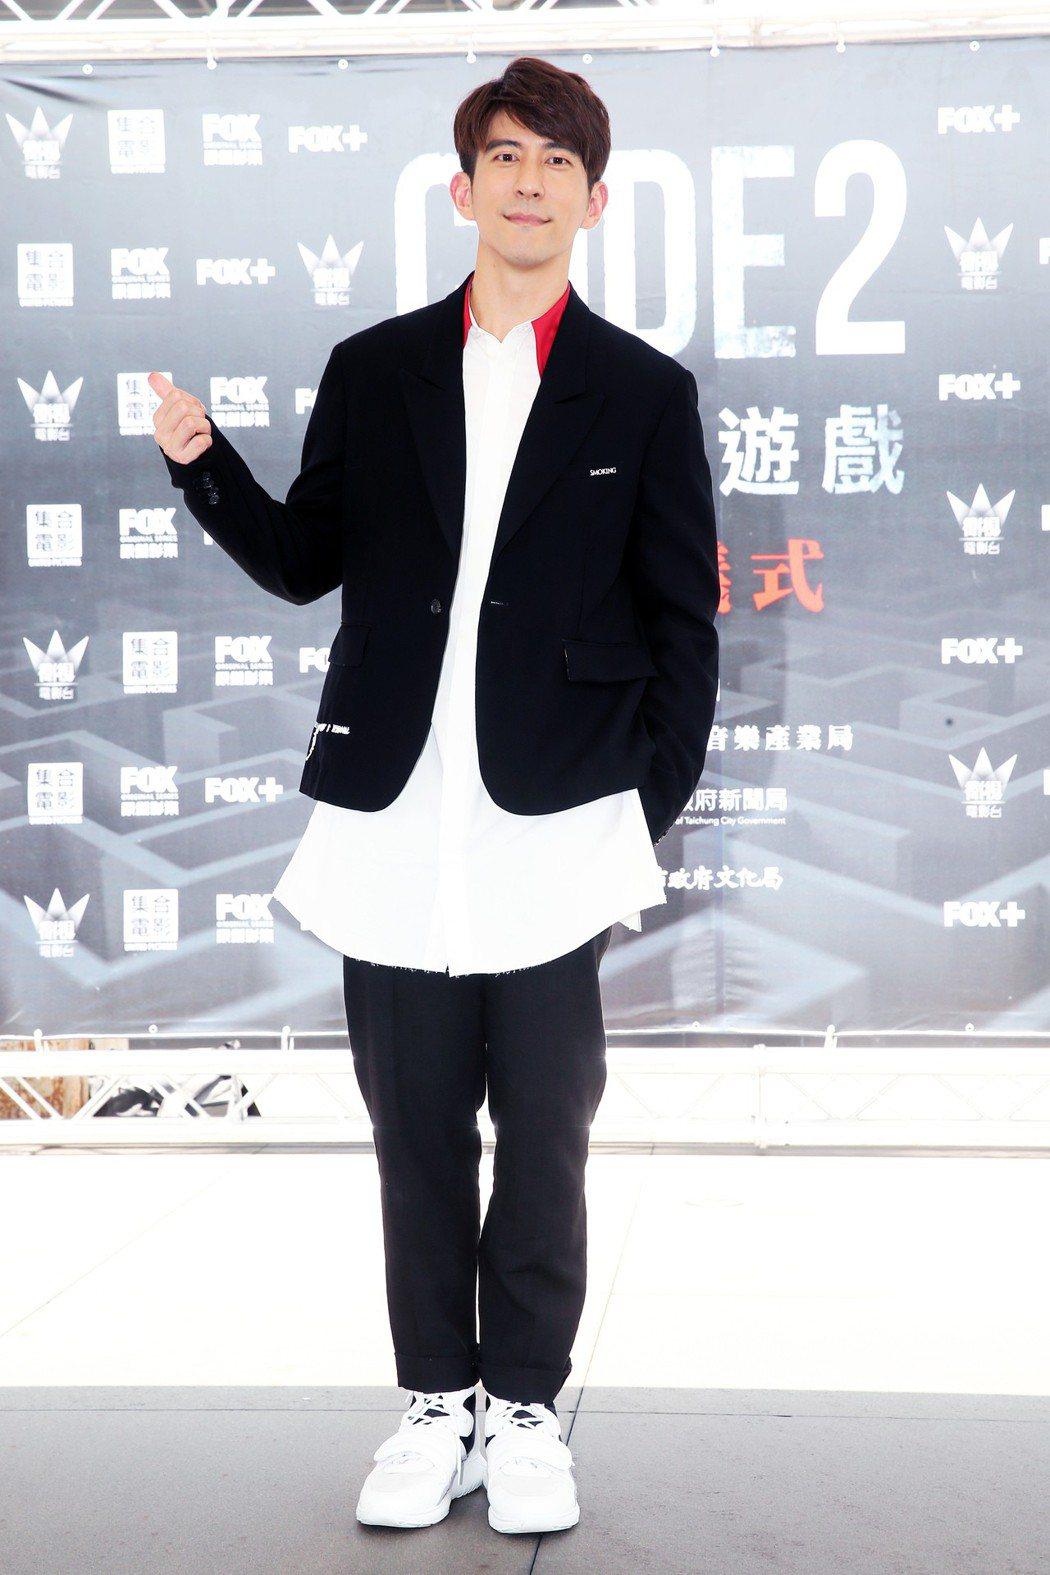 修杰楷昨天出席「浮士德遊戲2」開鏡儀式。記者徐兆玄/攝影